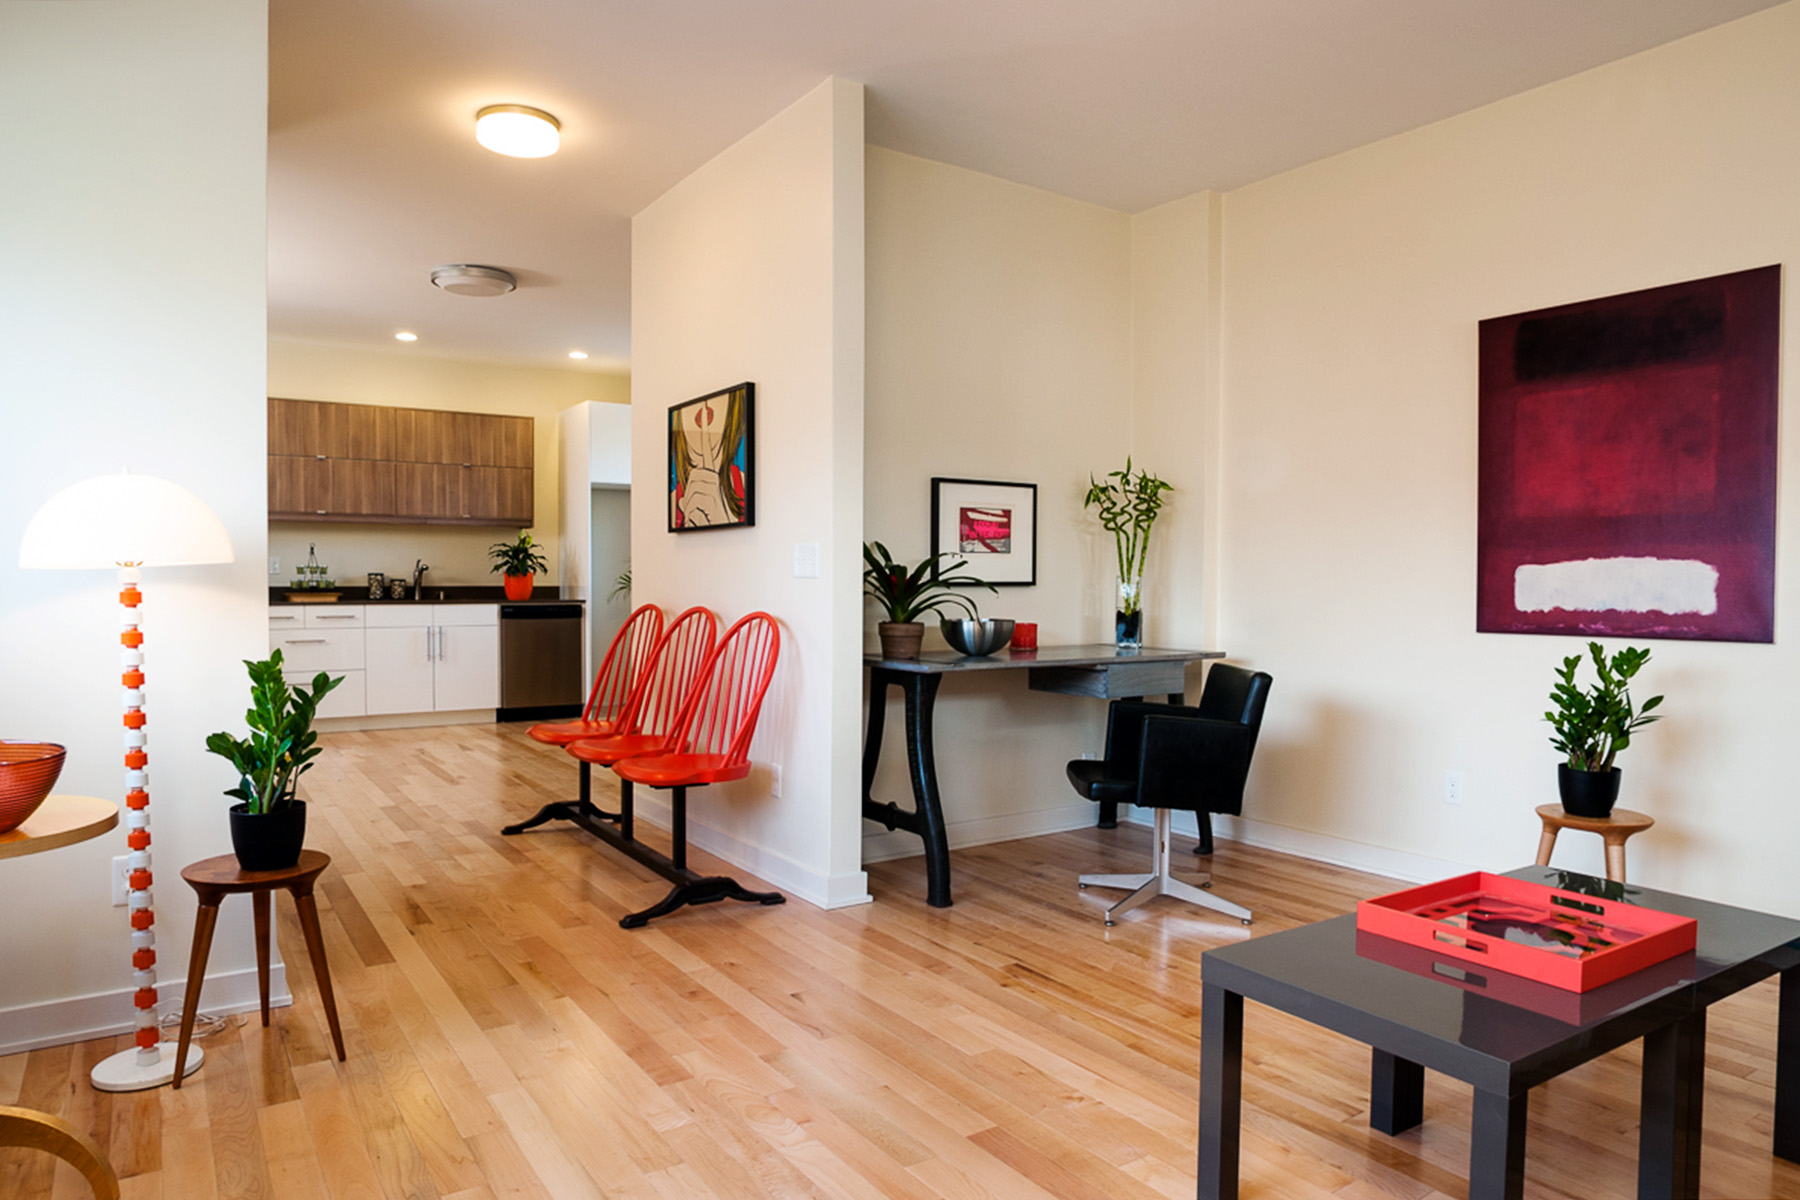 2-Family Residential